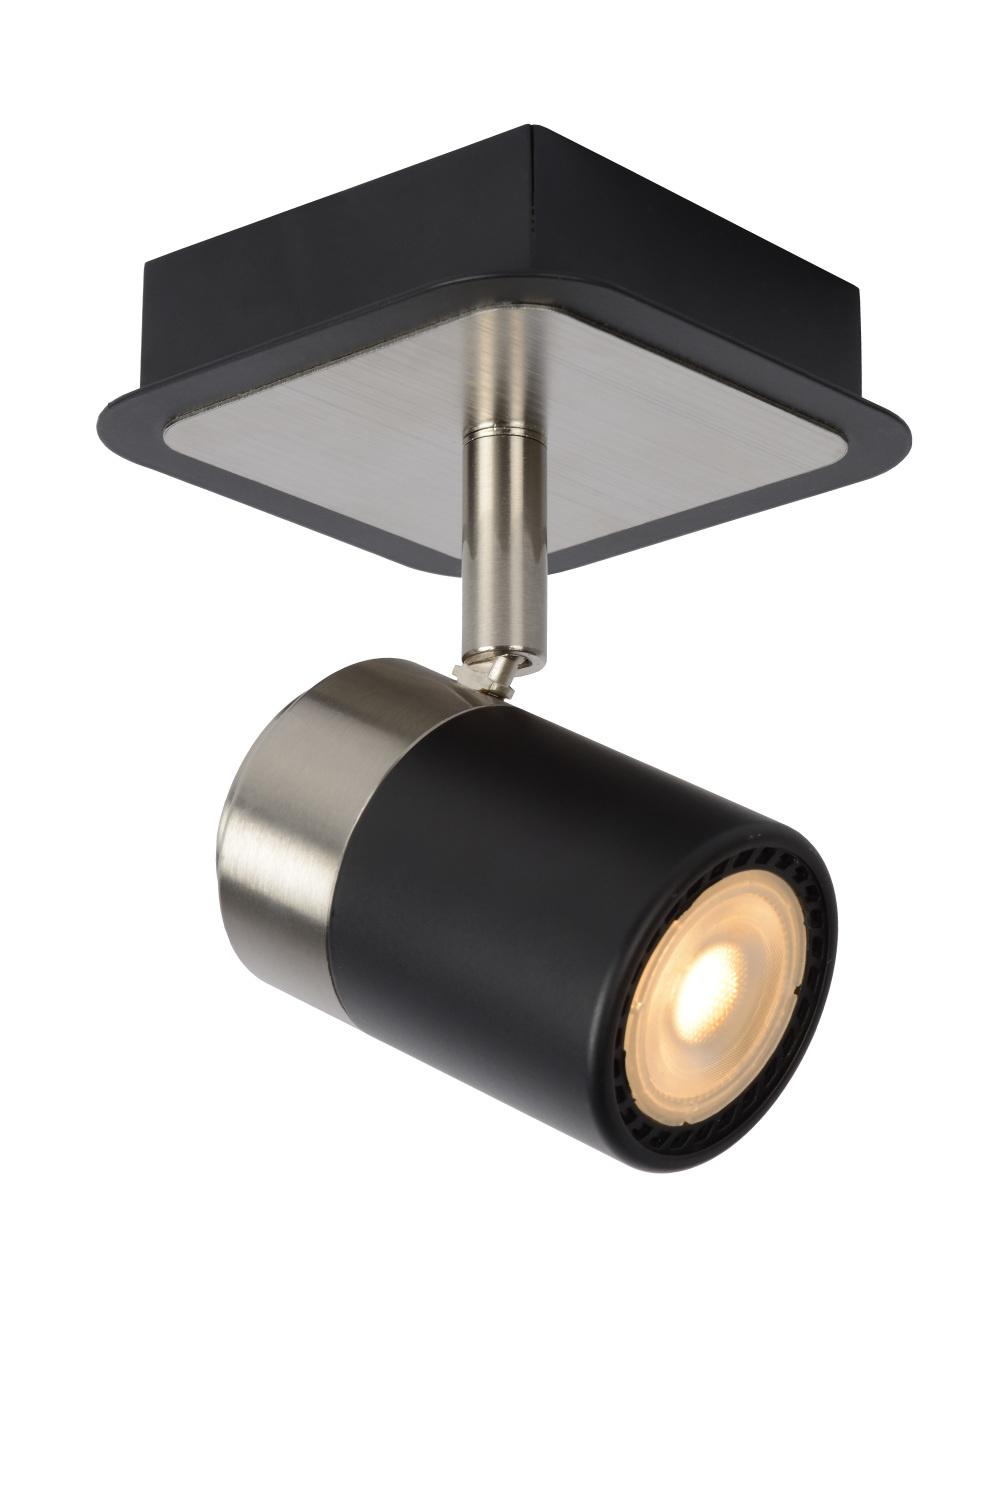 Lucide LENNERT Plafondspot-Zwart-LED Dimb.-1xGU10-5W